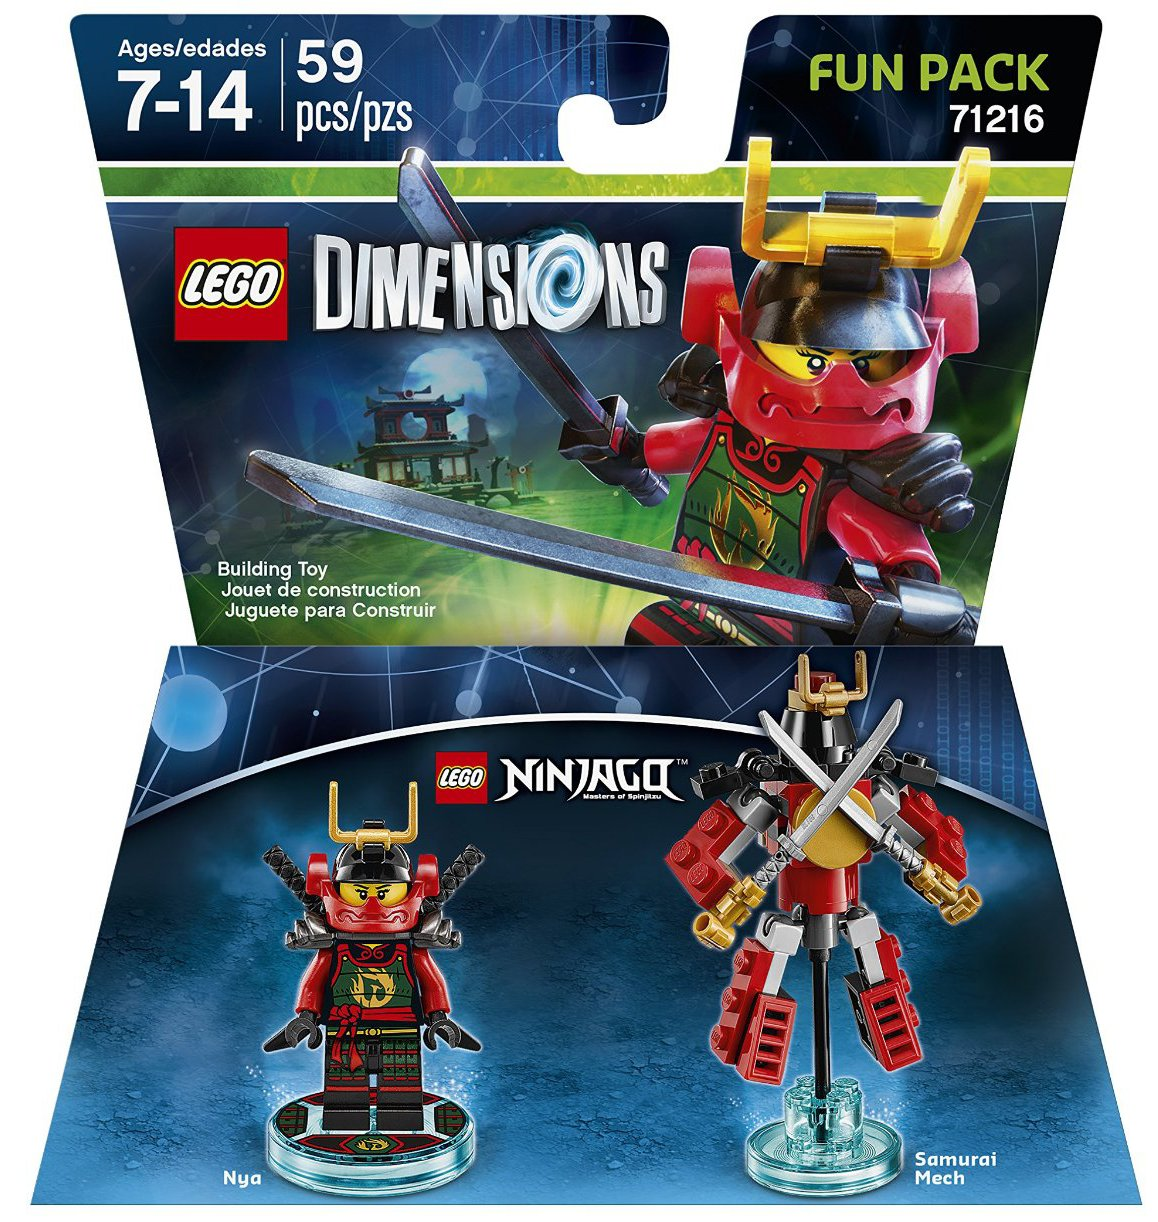 71216 Ninjago Nya Fun Pack